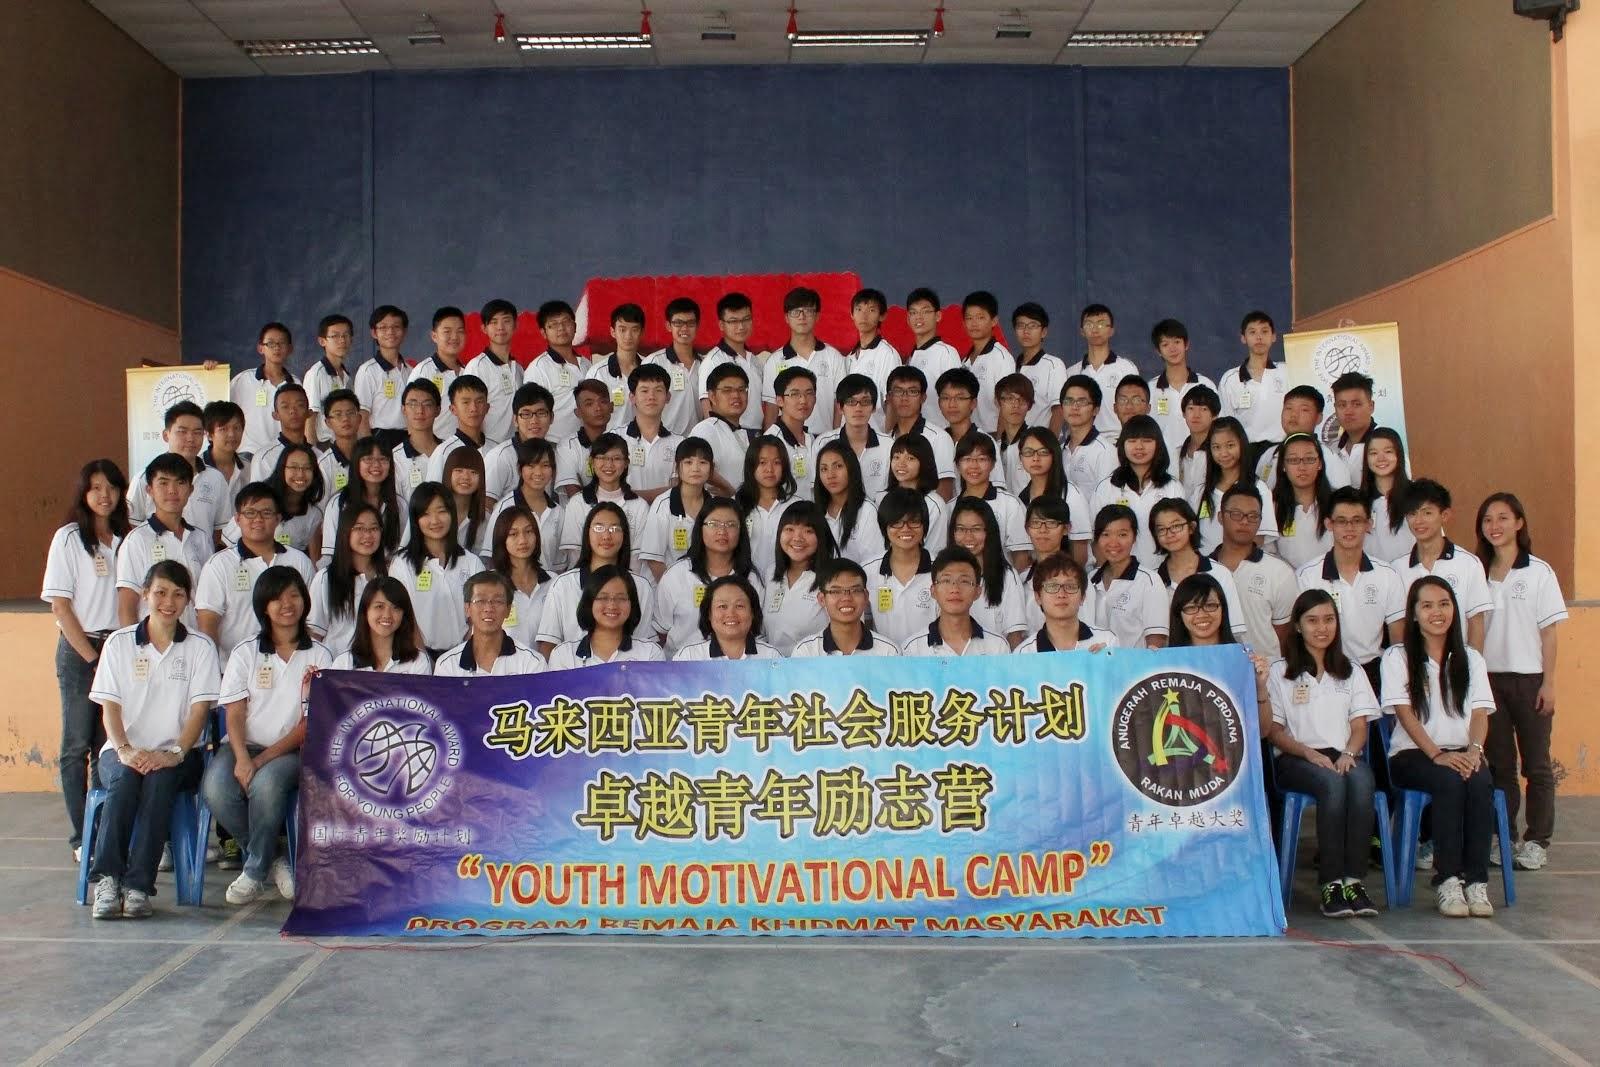 第九期卓越青年励志营 12月/2013